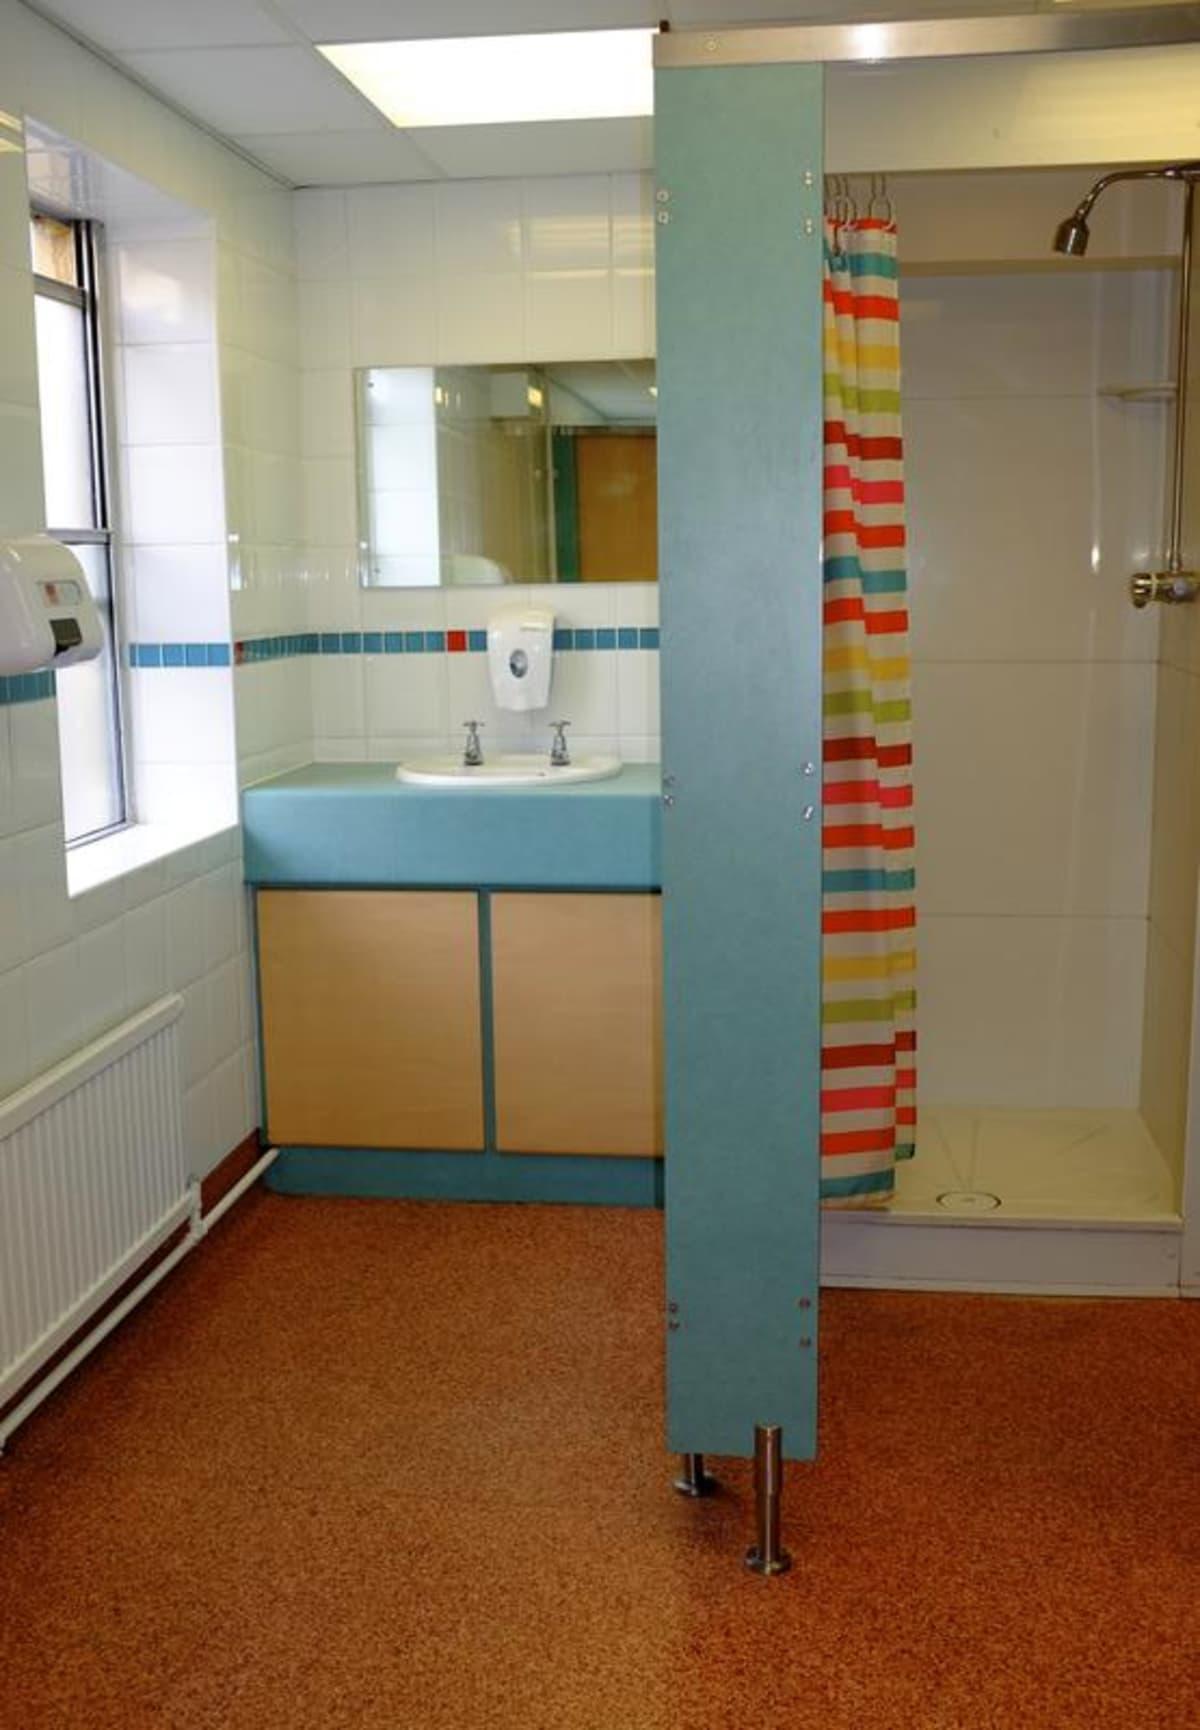 Bath YMCA, Bath, England